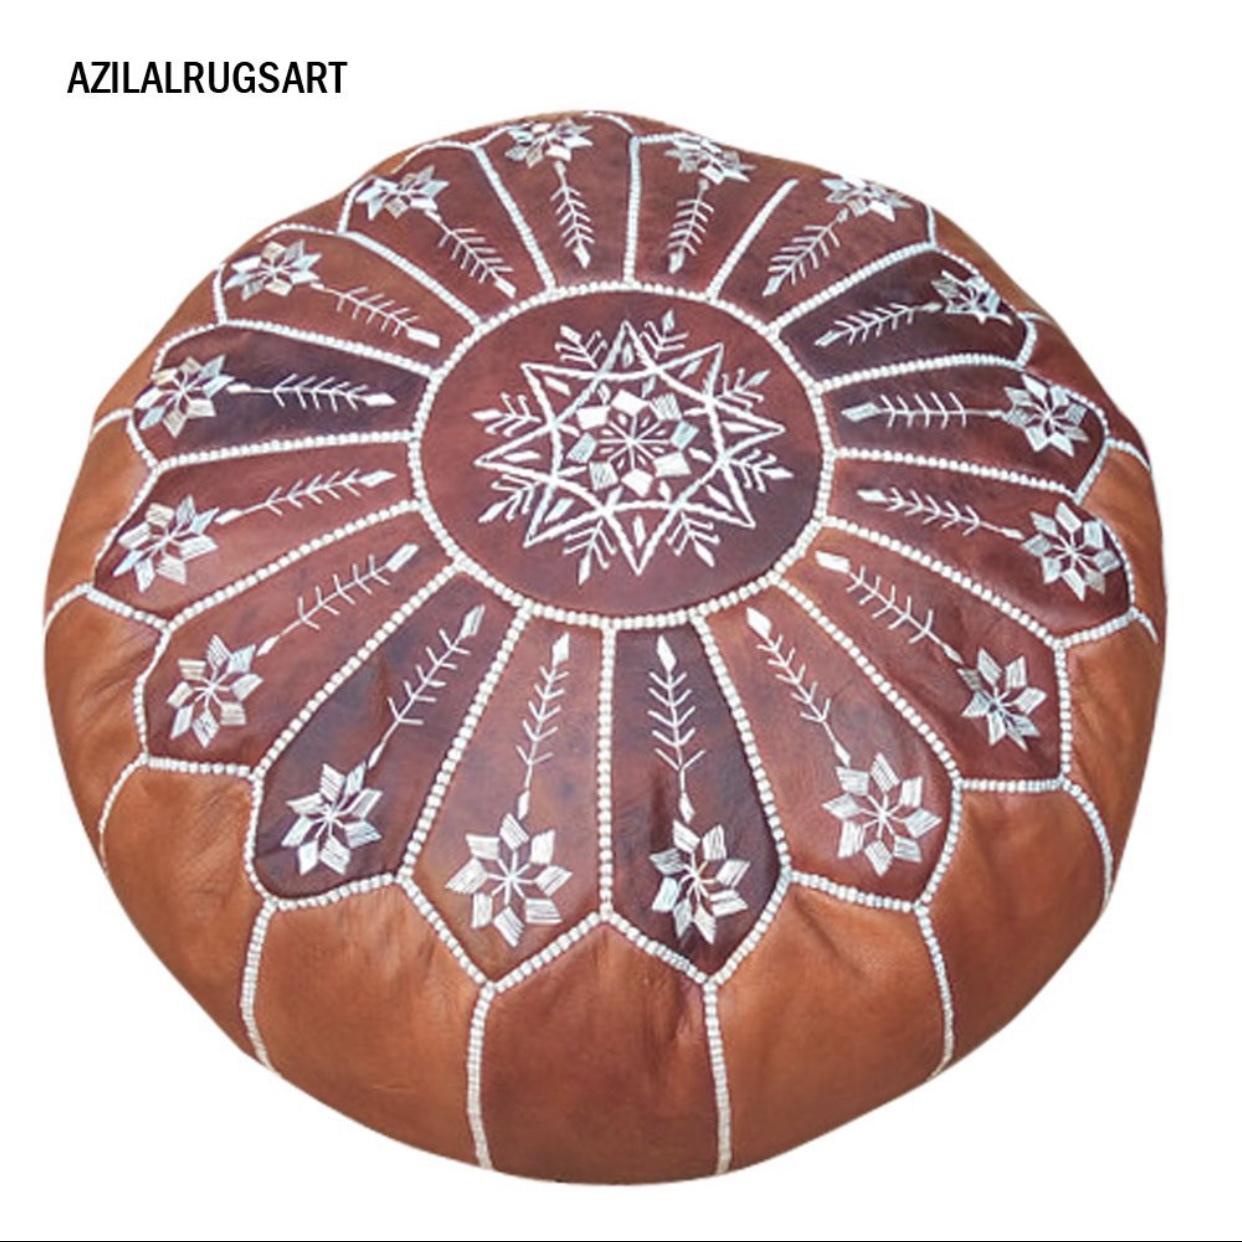 モロッカンプフ 刺繍あり 中身綿込み(オイルあり)POUF